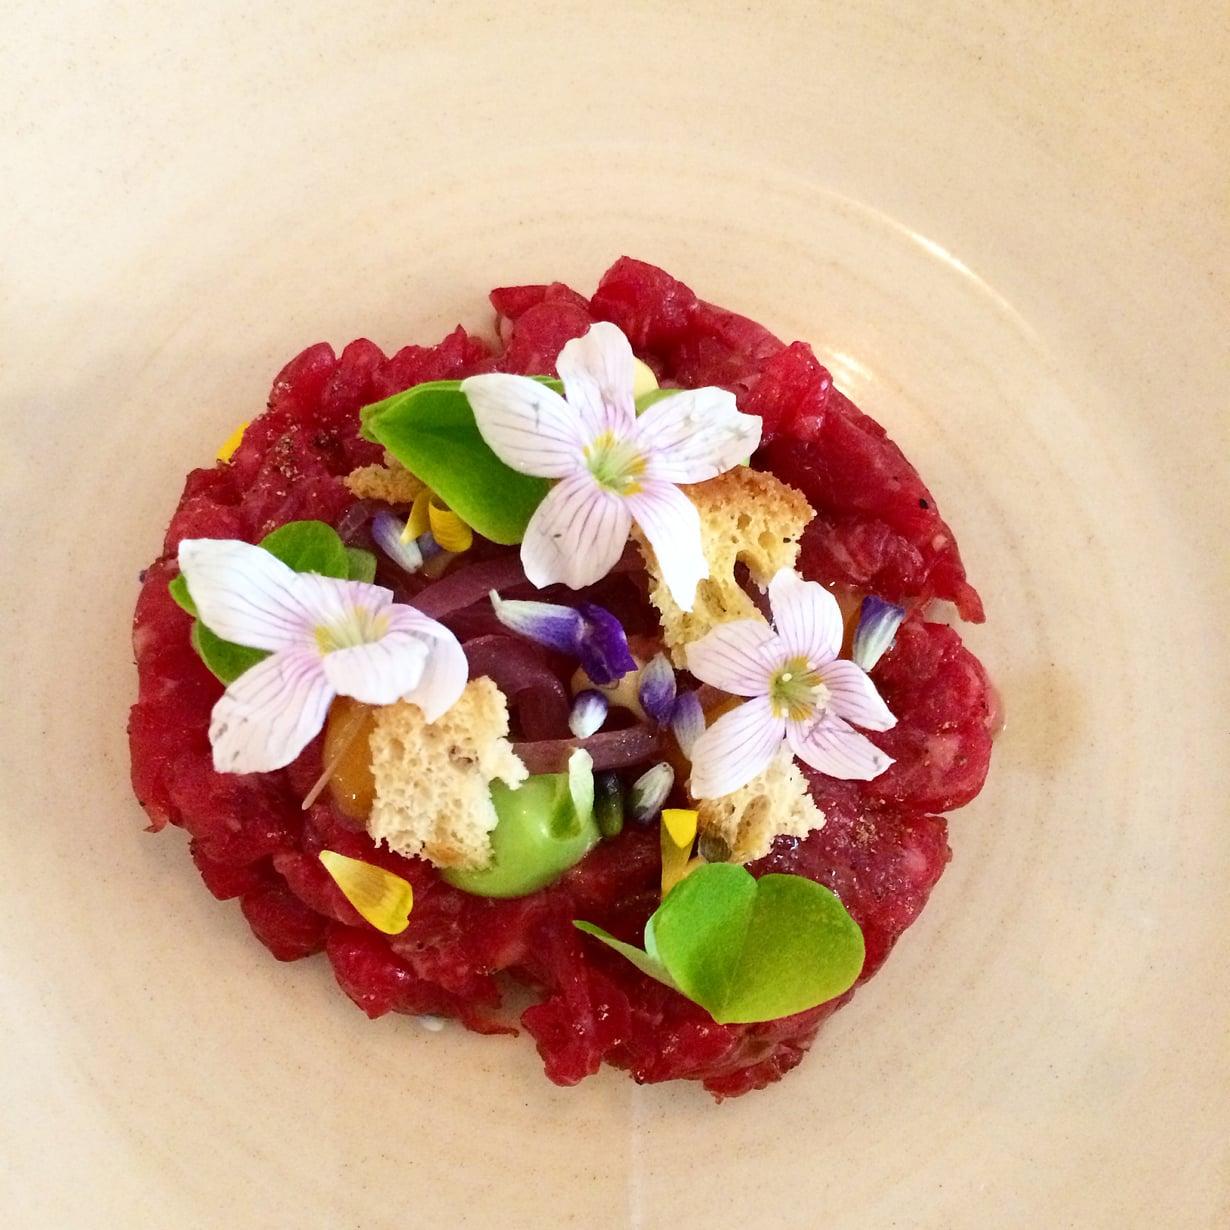 Savunmakuinen tartar on yksi Taste of Helsinki -tapahtuman ruuista.